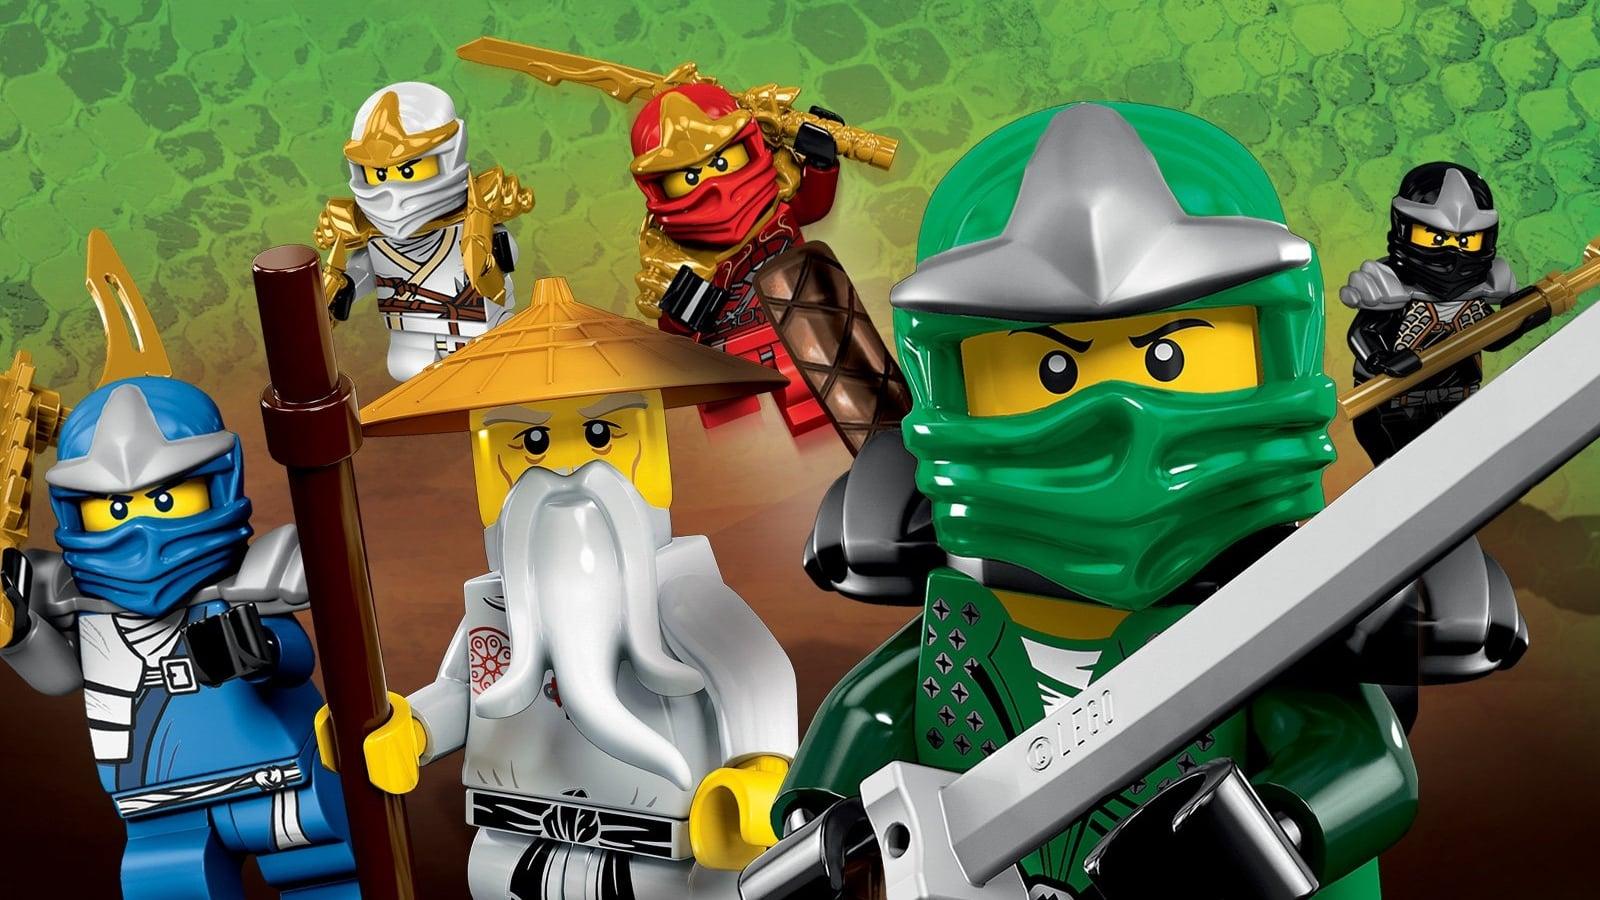 Lego ninjago masters of spinjitzu 123movies - Photo lego ninjago ...